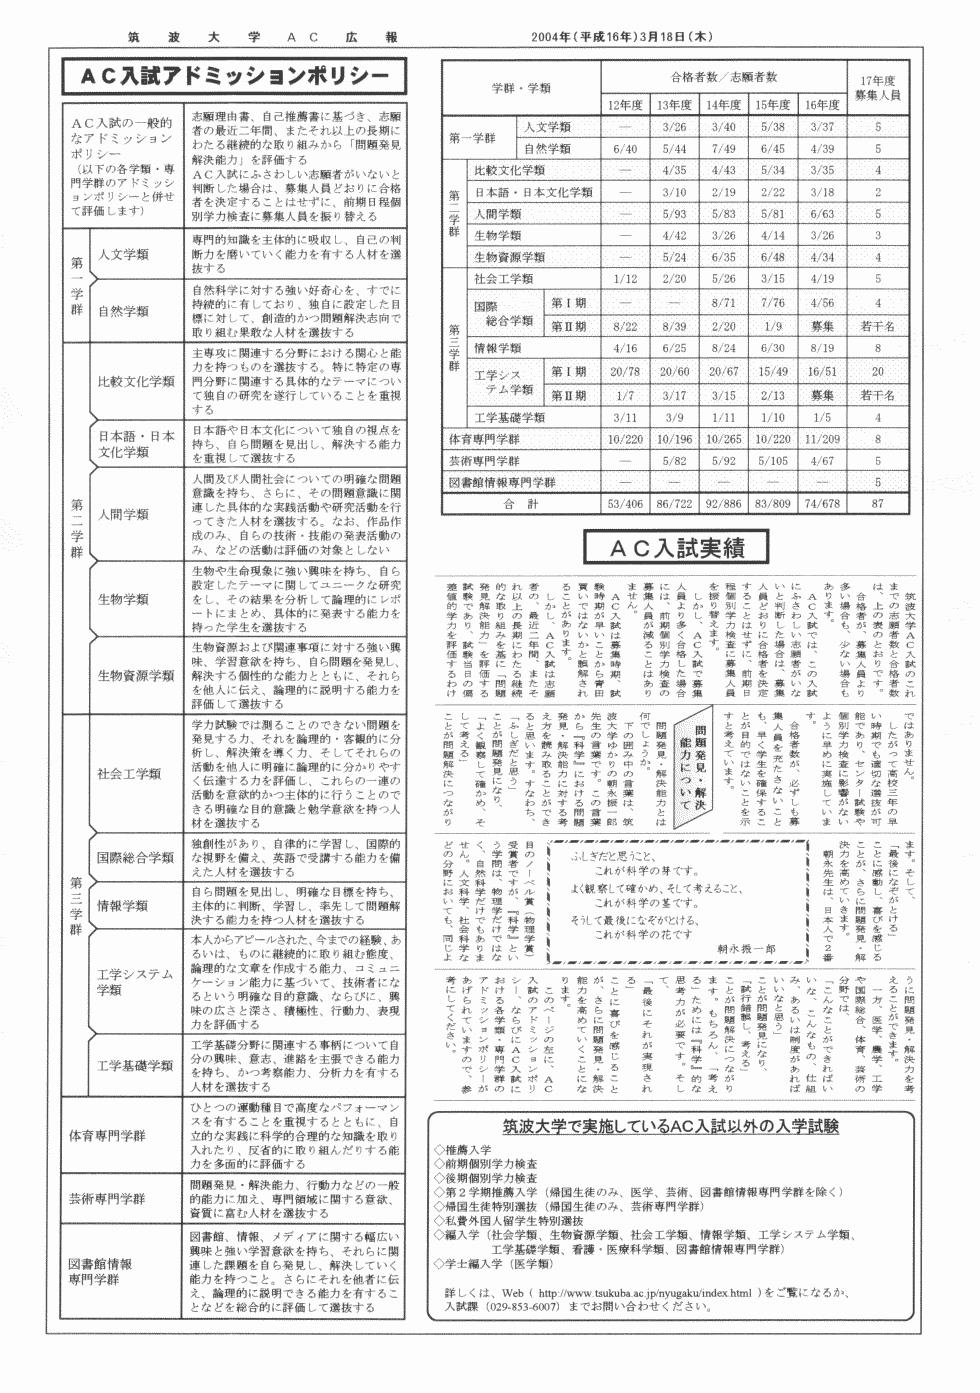 AC入試リーフレット 平成17年度版4